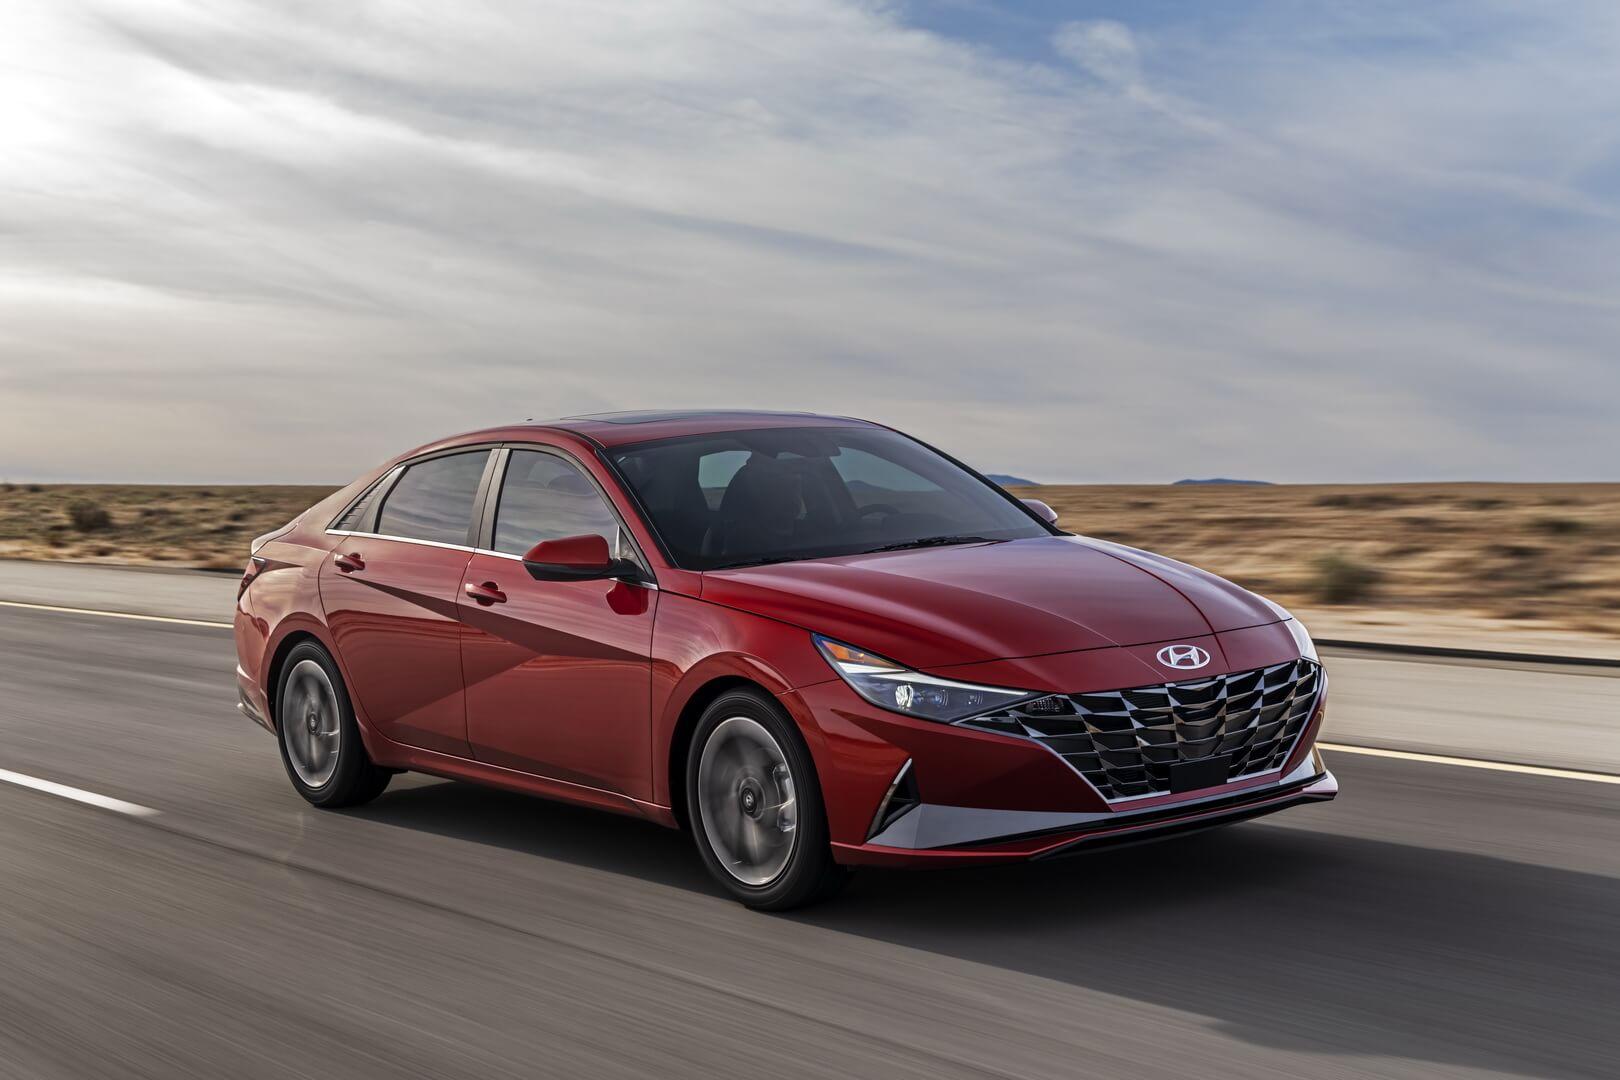 Бизнес-седан Hyundai Elantra получил гибридную модификацию